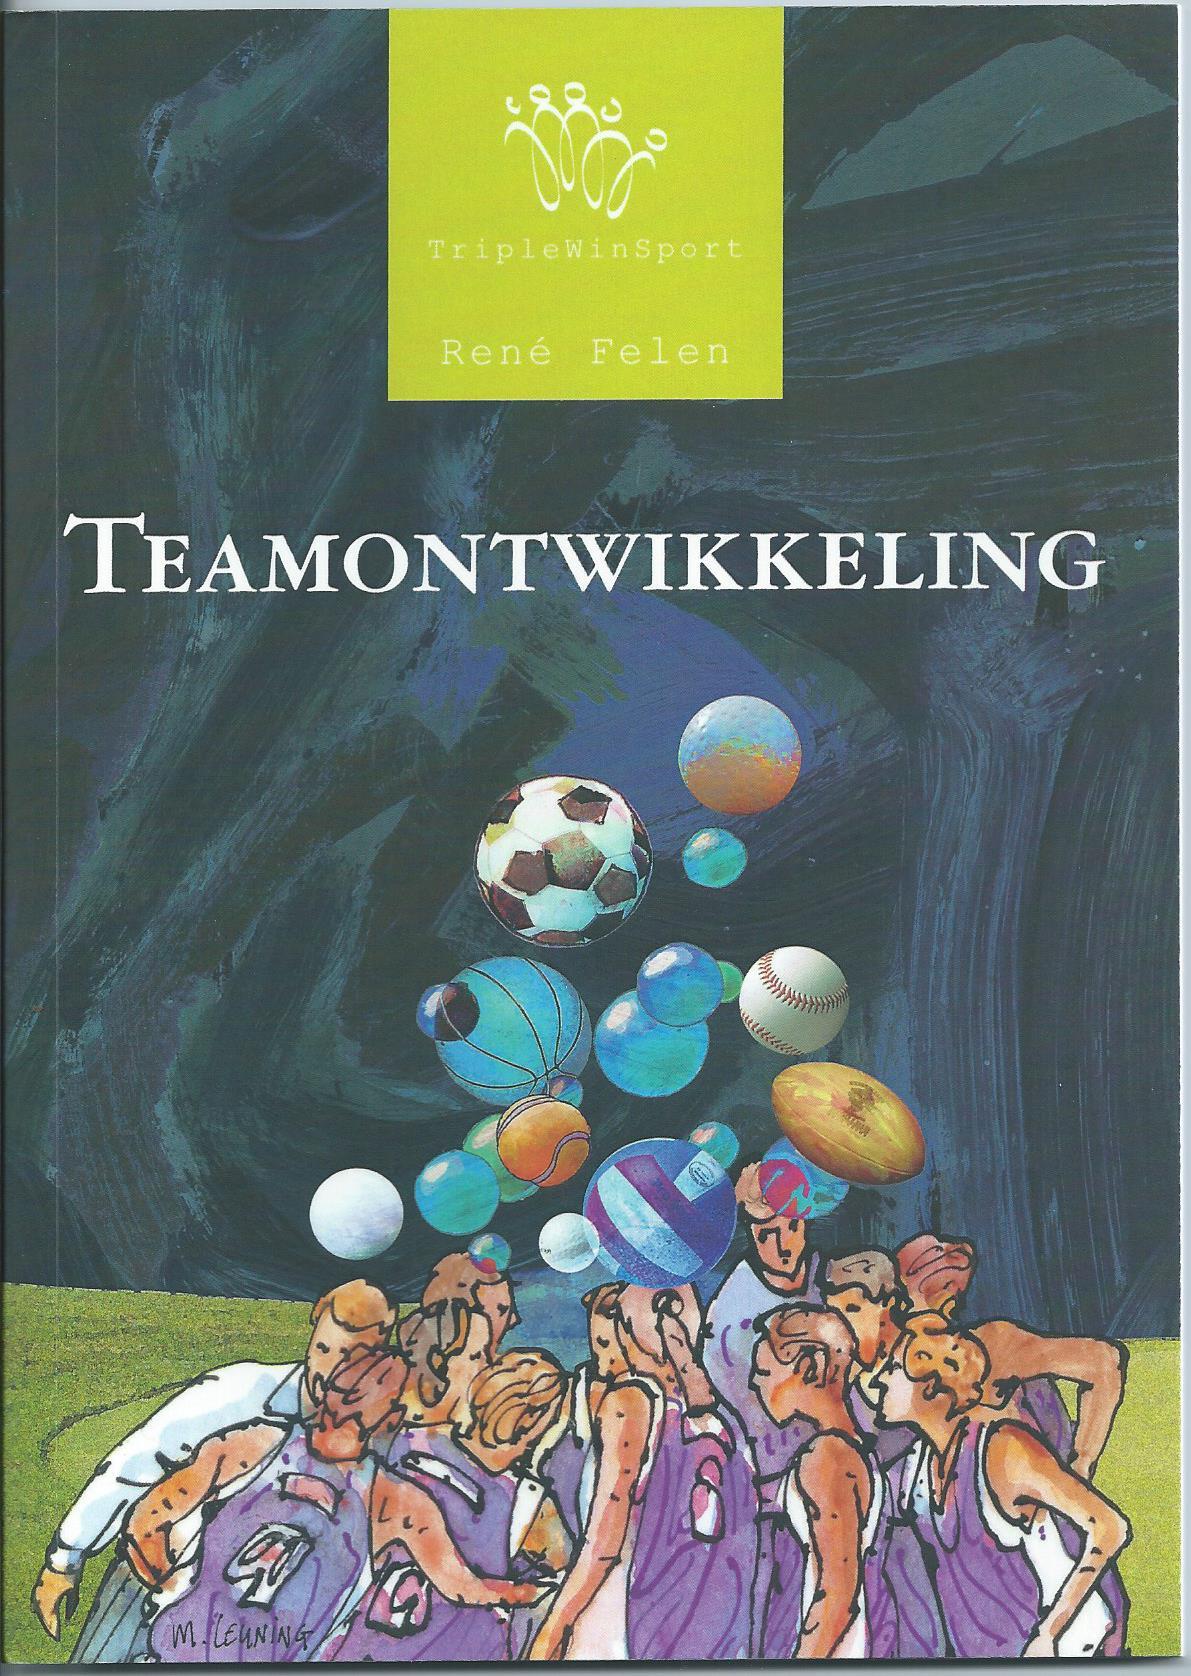 Teamontwikkeling, René Felen, TripleWinSport